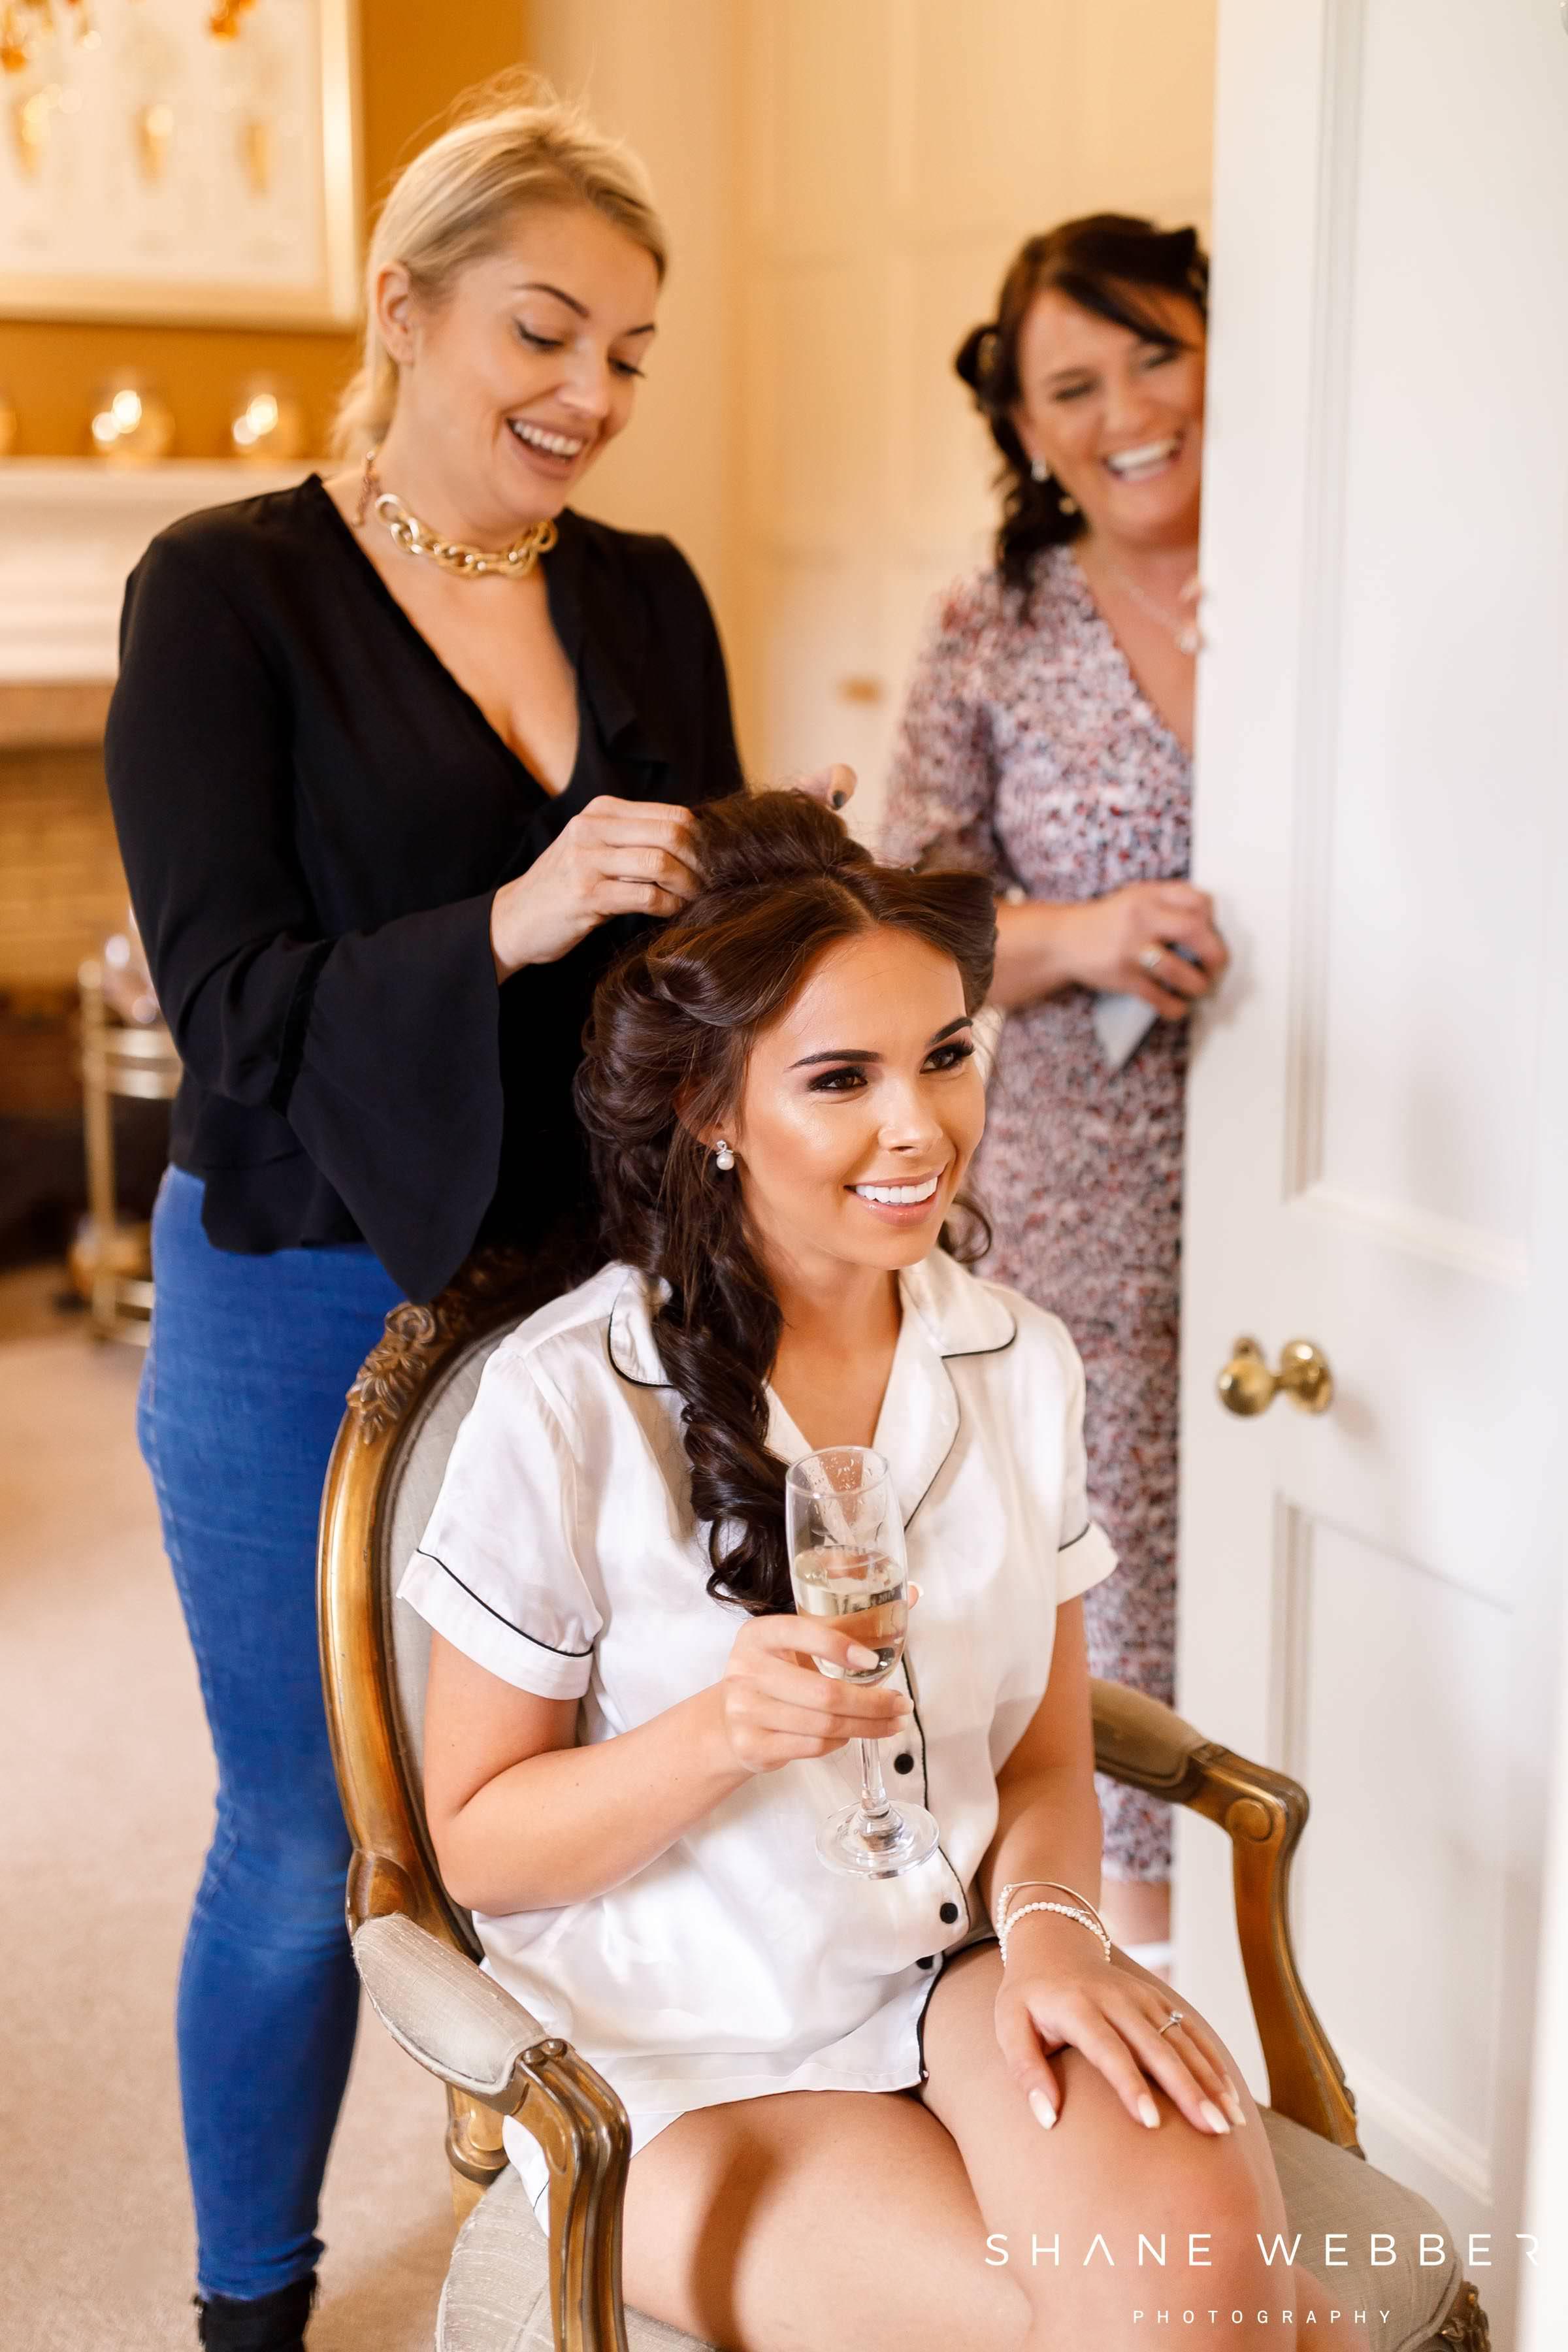 nala and knot hair makeup colshaw